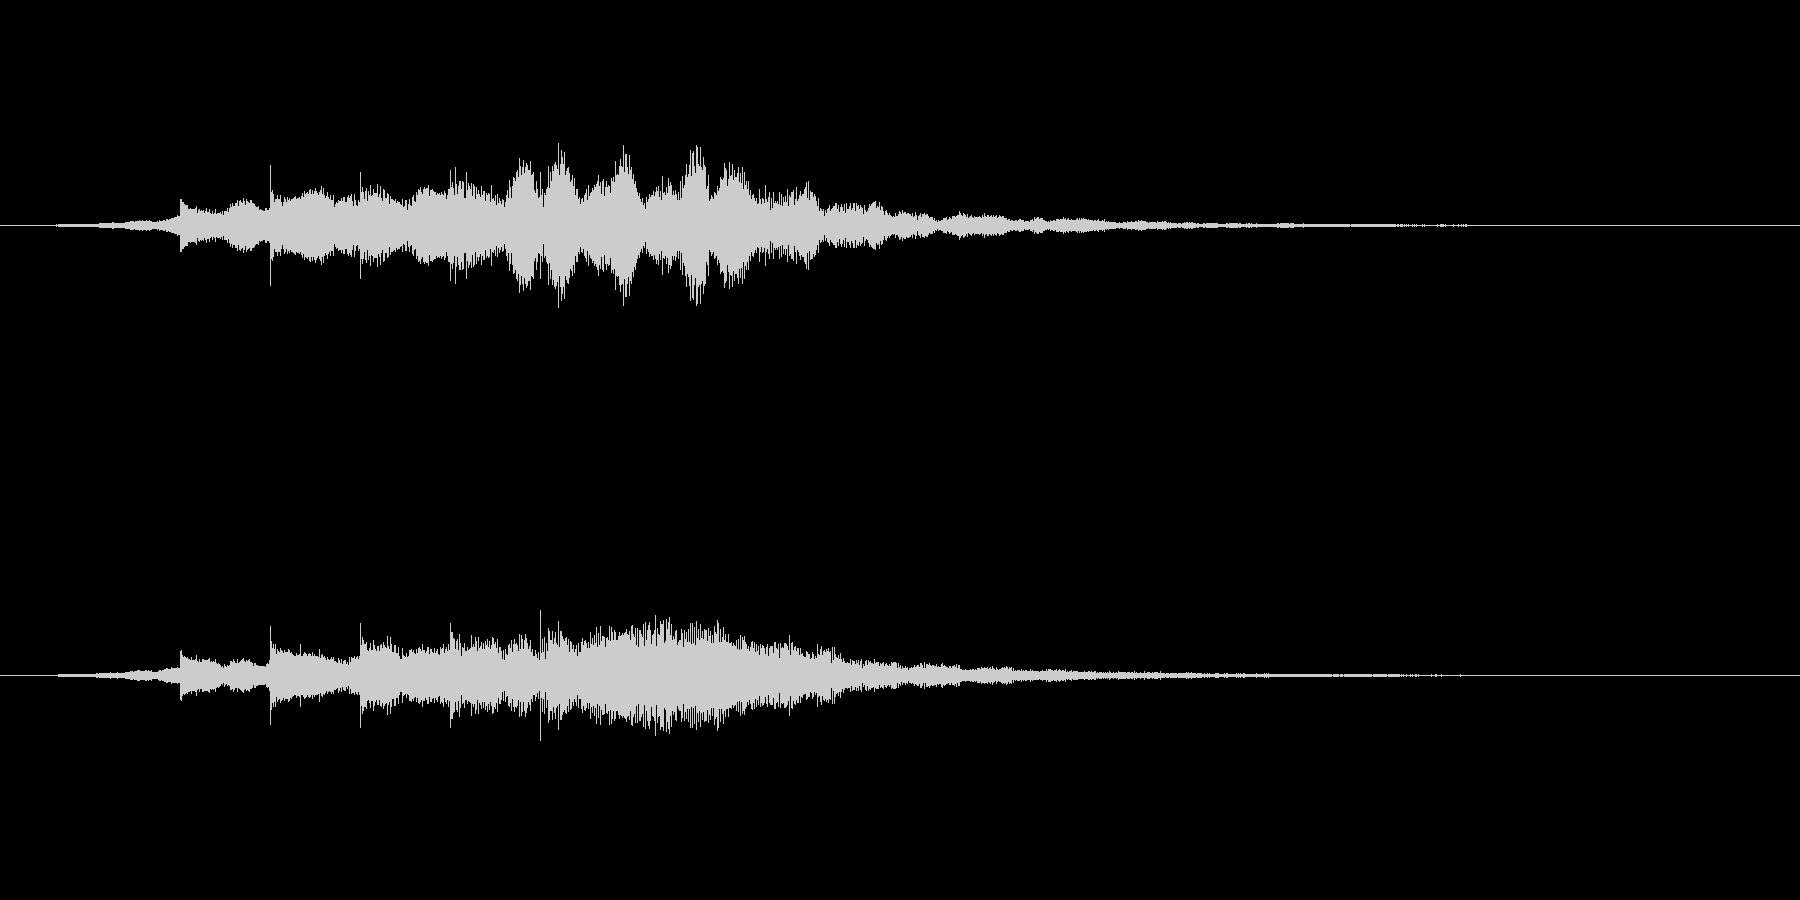 テレレレン(起動音・企業サウンドロゴ)の未再生の波形